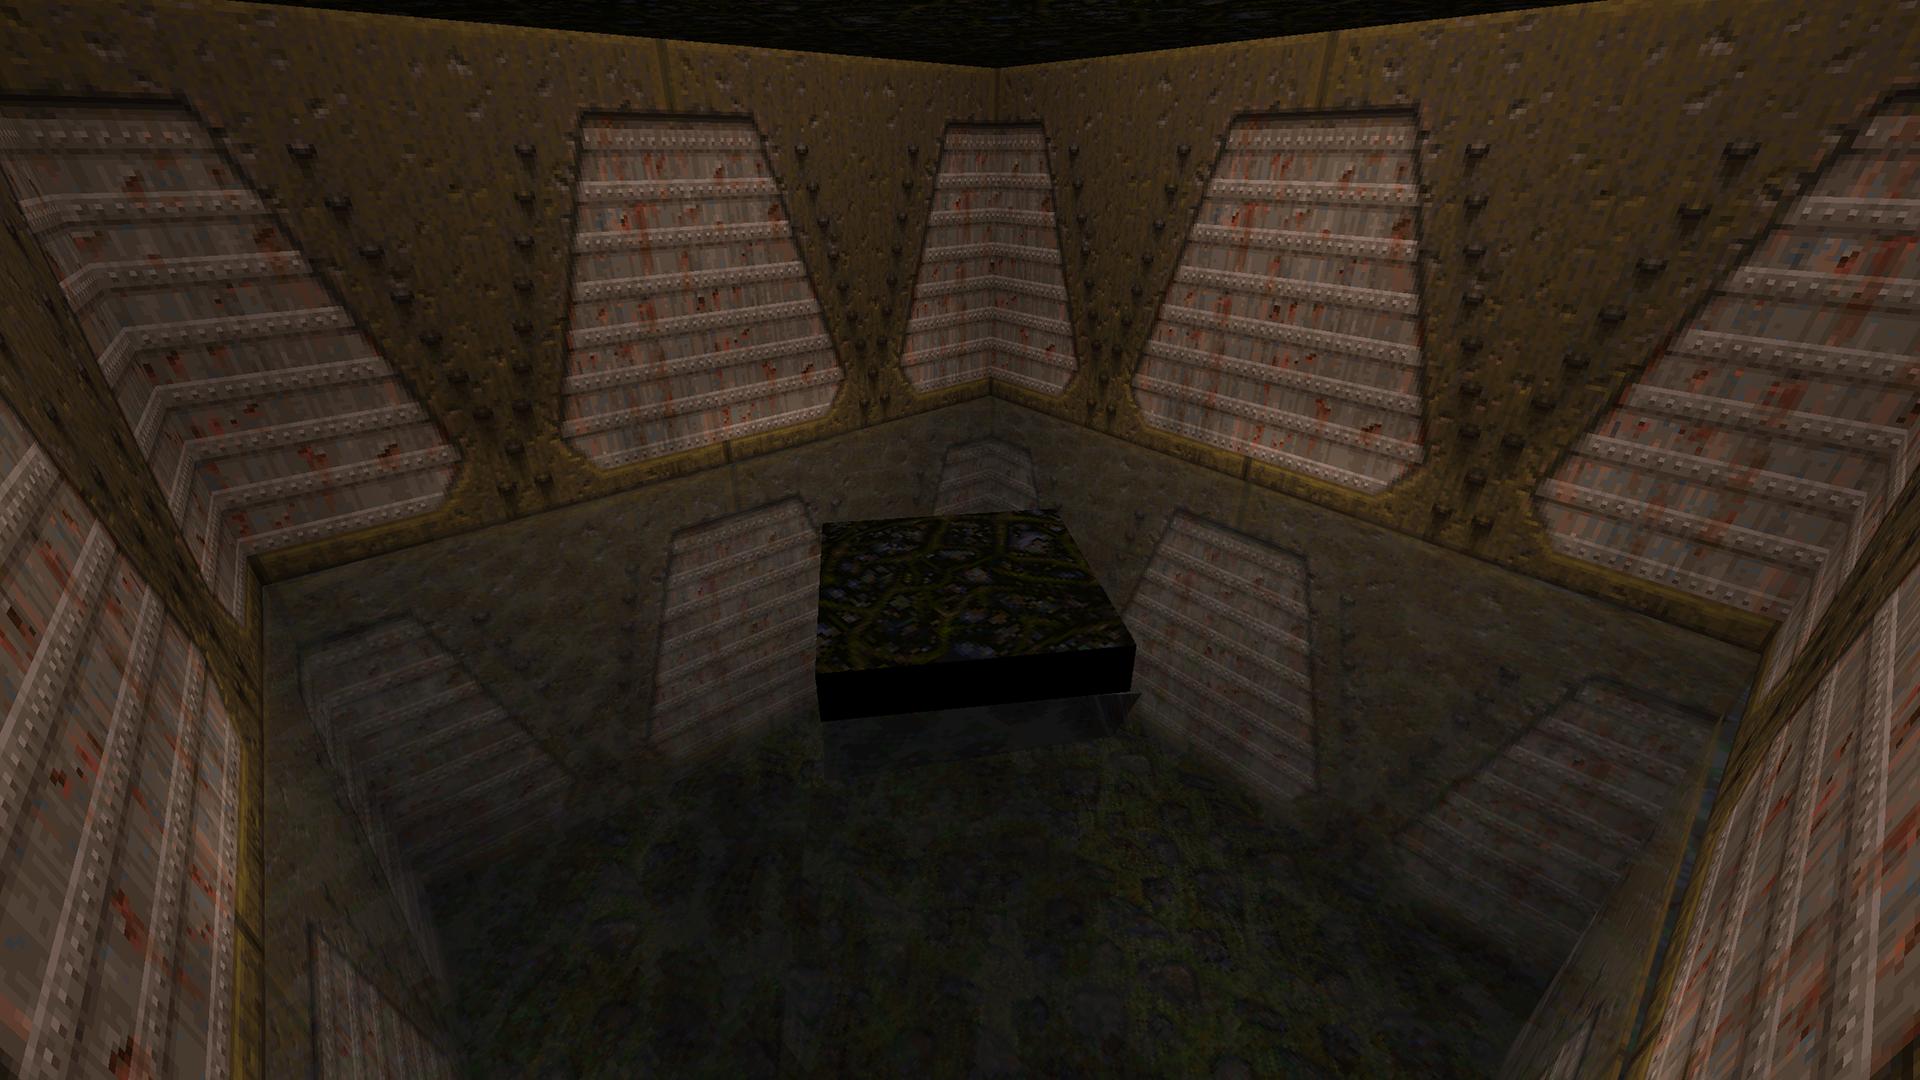 Rbox-test file for mbuild 0.3-djl